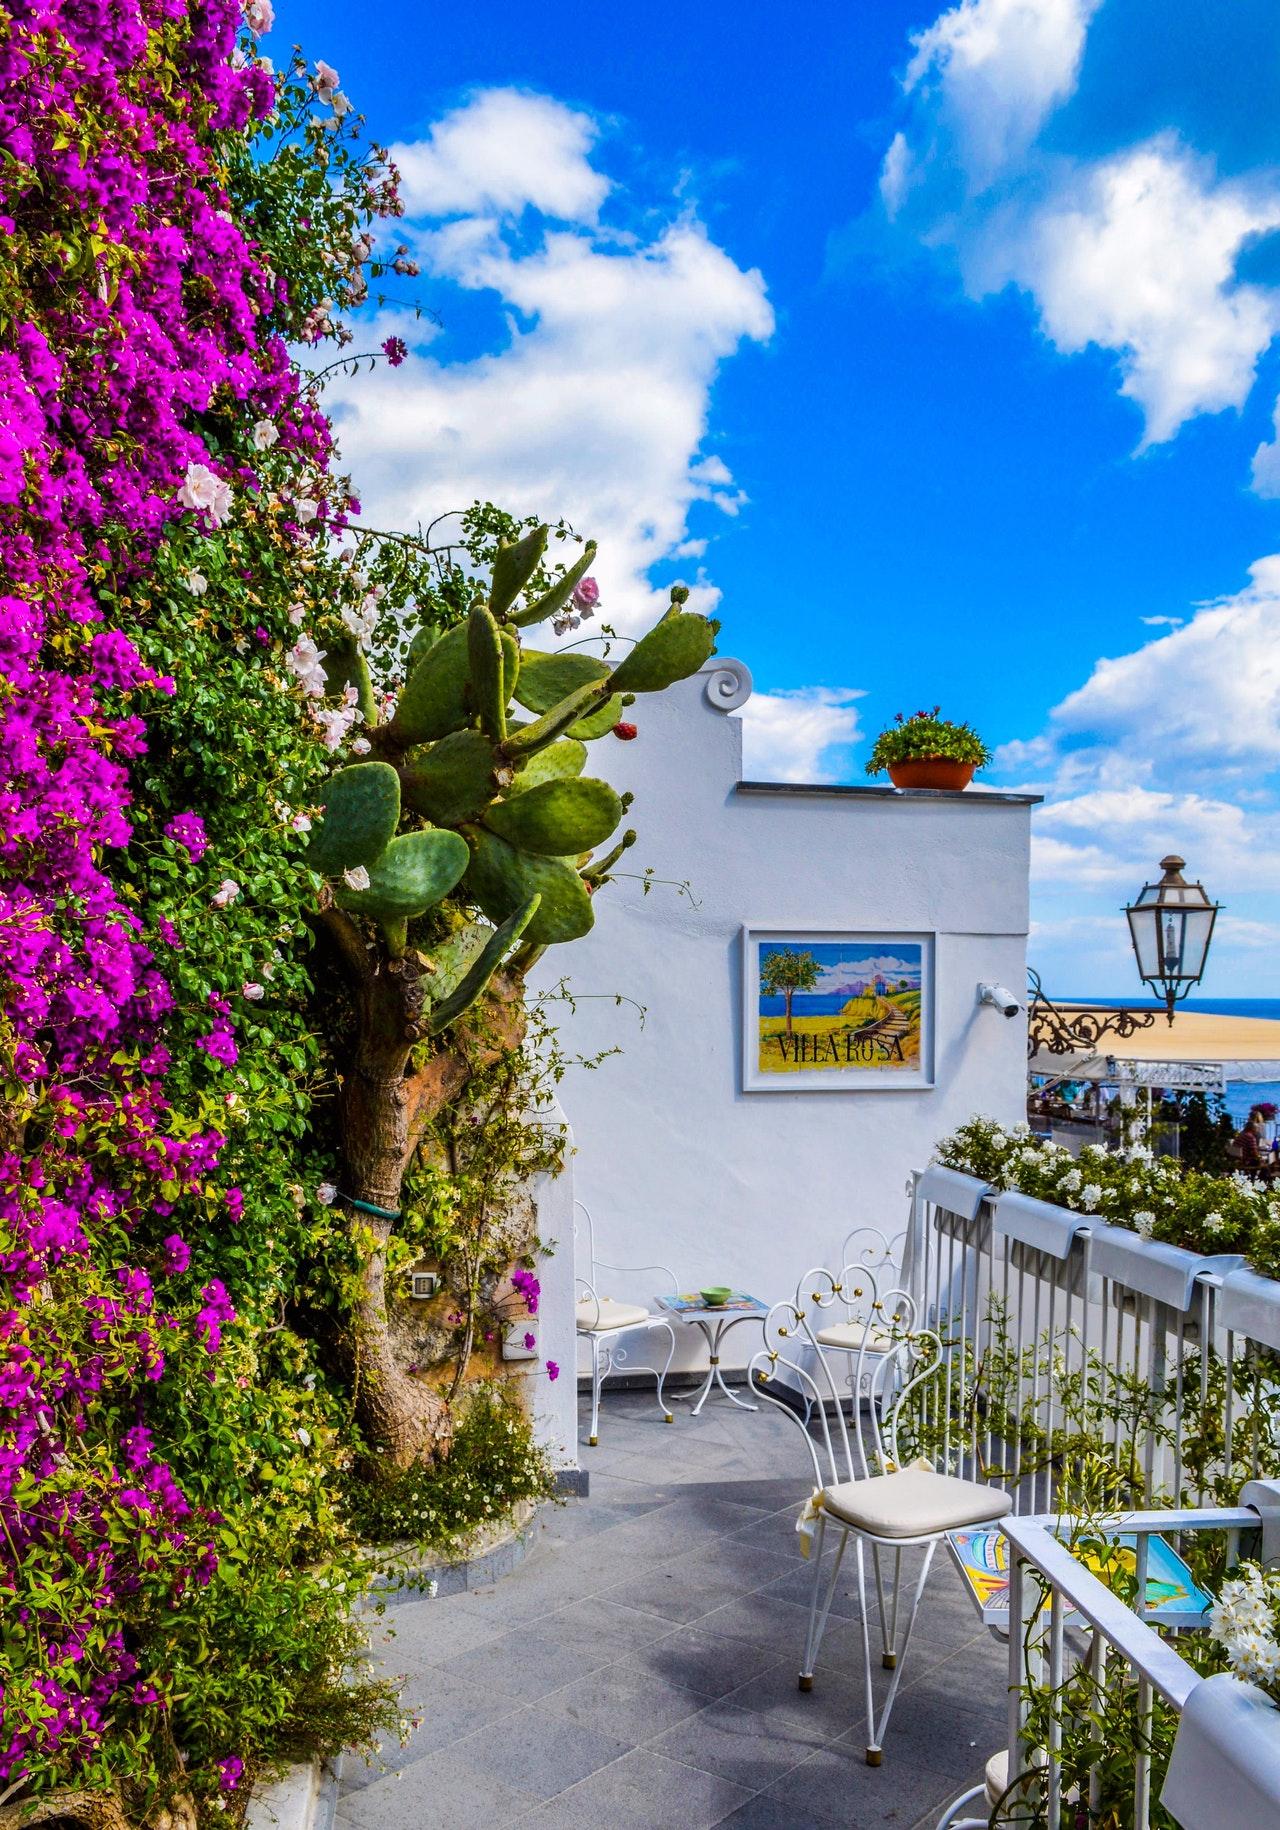 Apprenez_à_aménager_votre_patio_ou_votre_jardin_en_toute_simplicité_